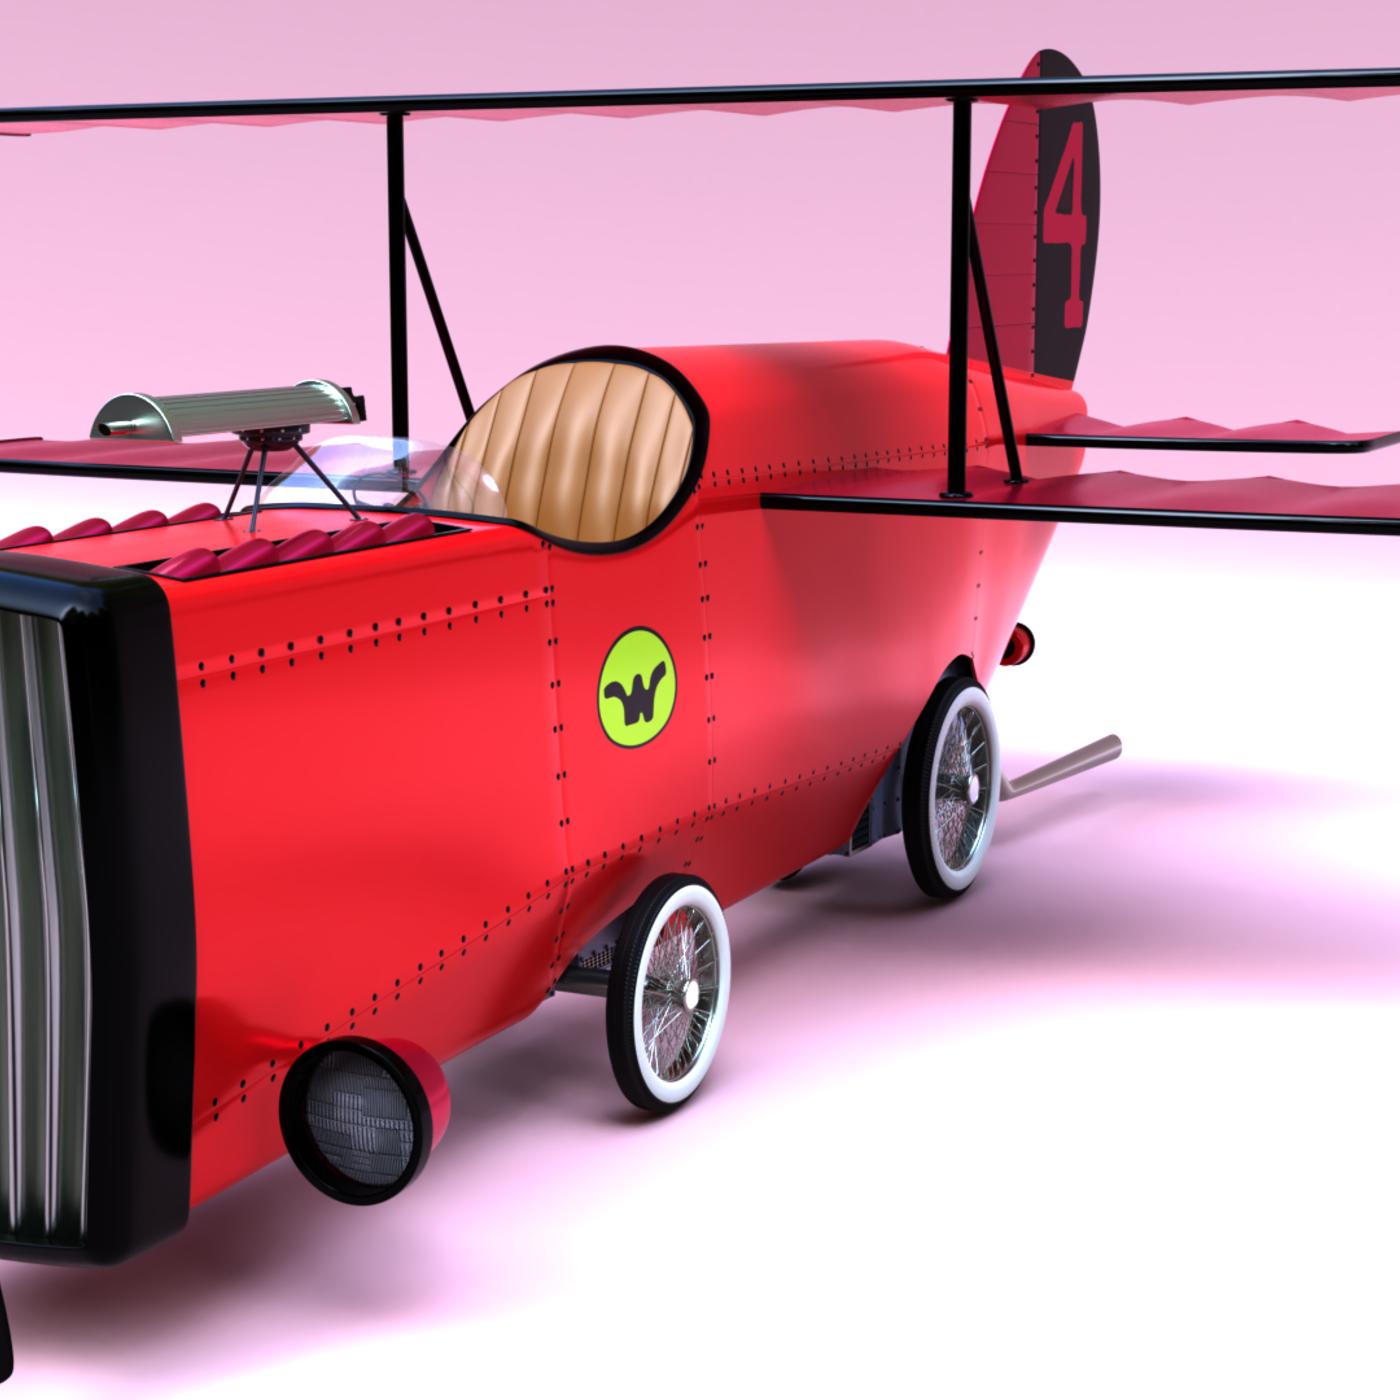 All Wacky Races's Cars